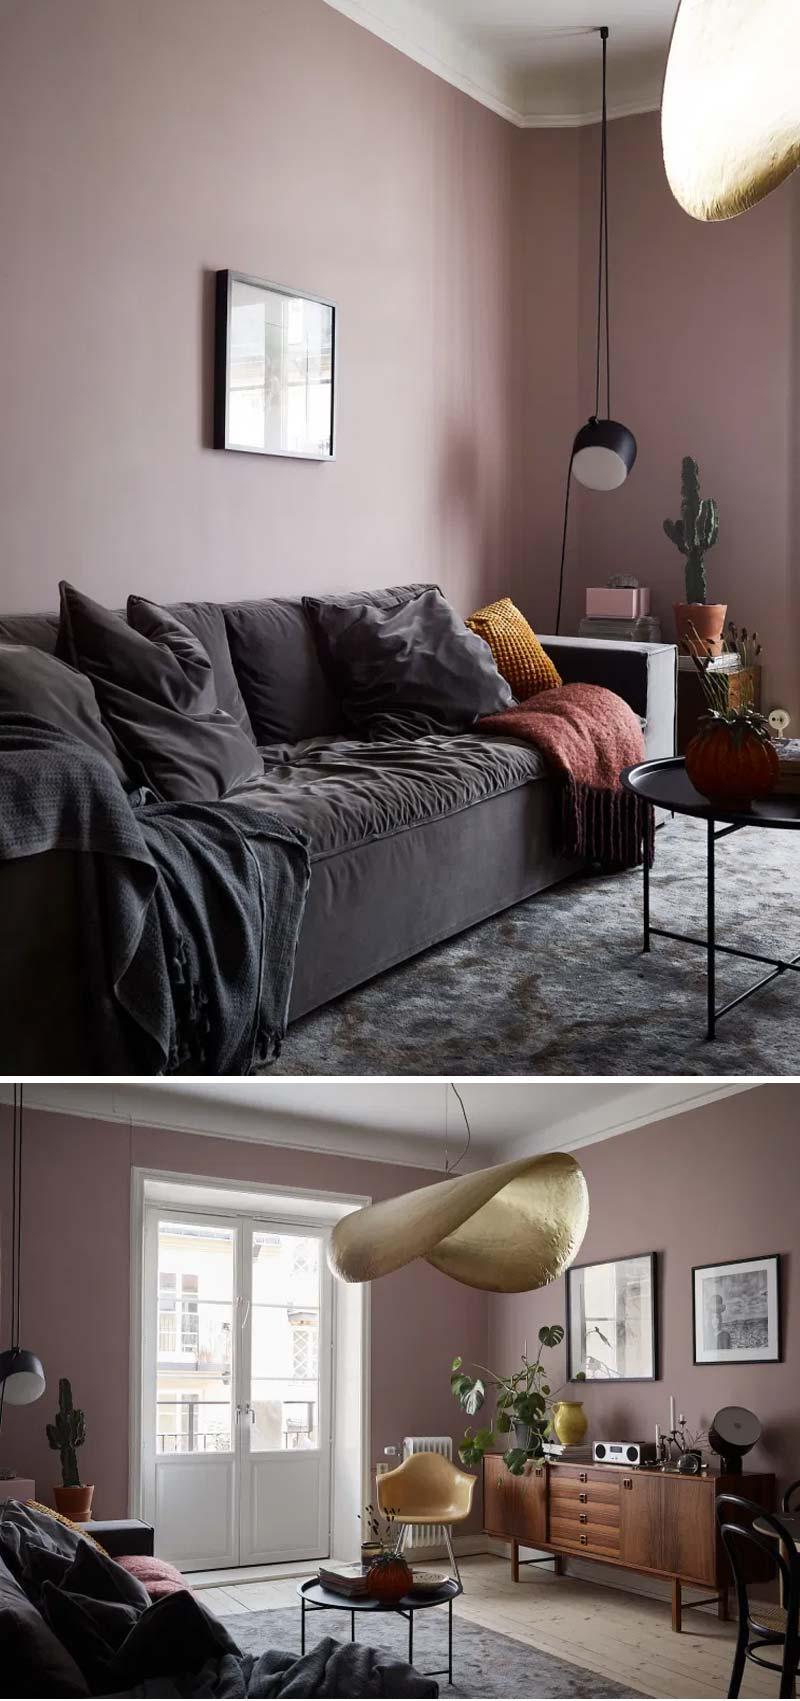 woonkamer oud roze muur donkergrijze bank zwarte salontafel